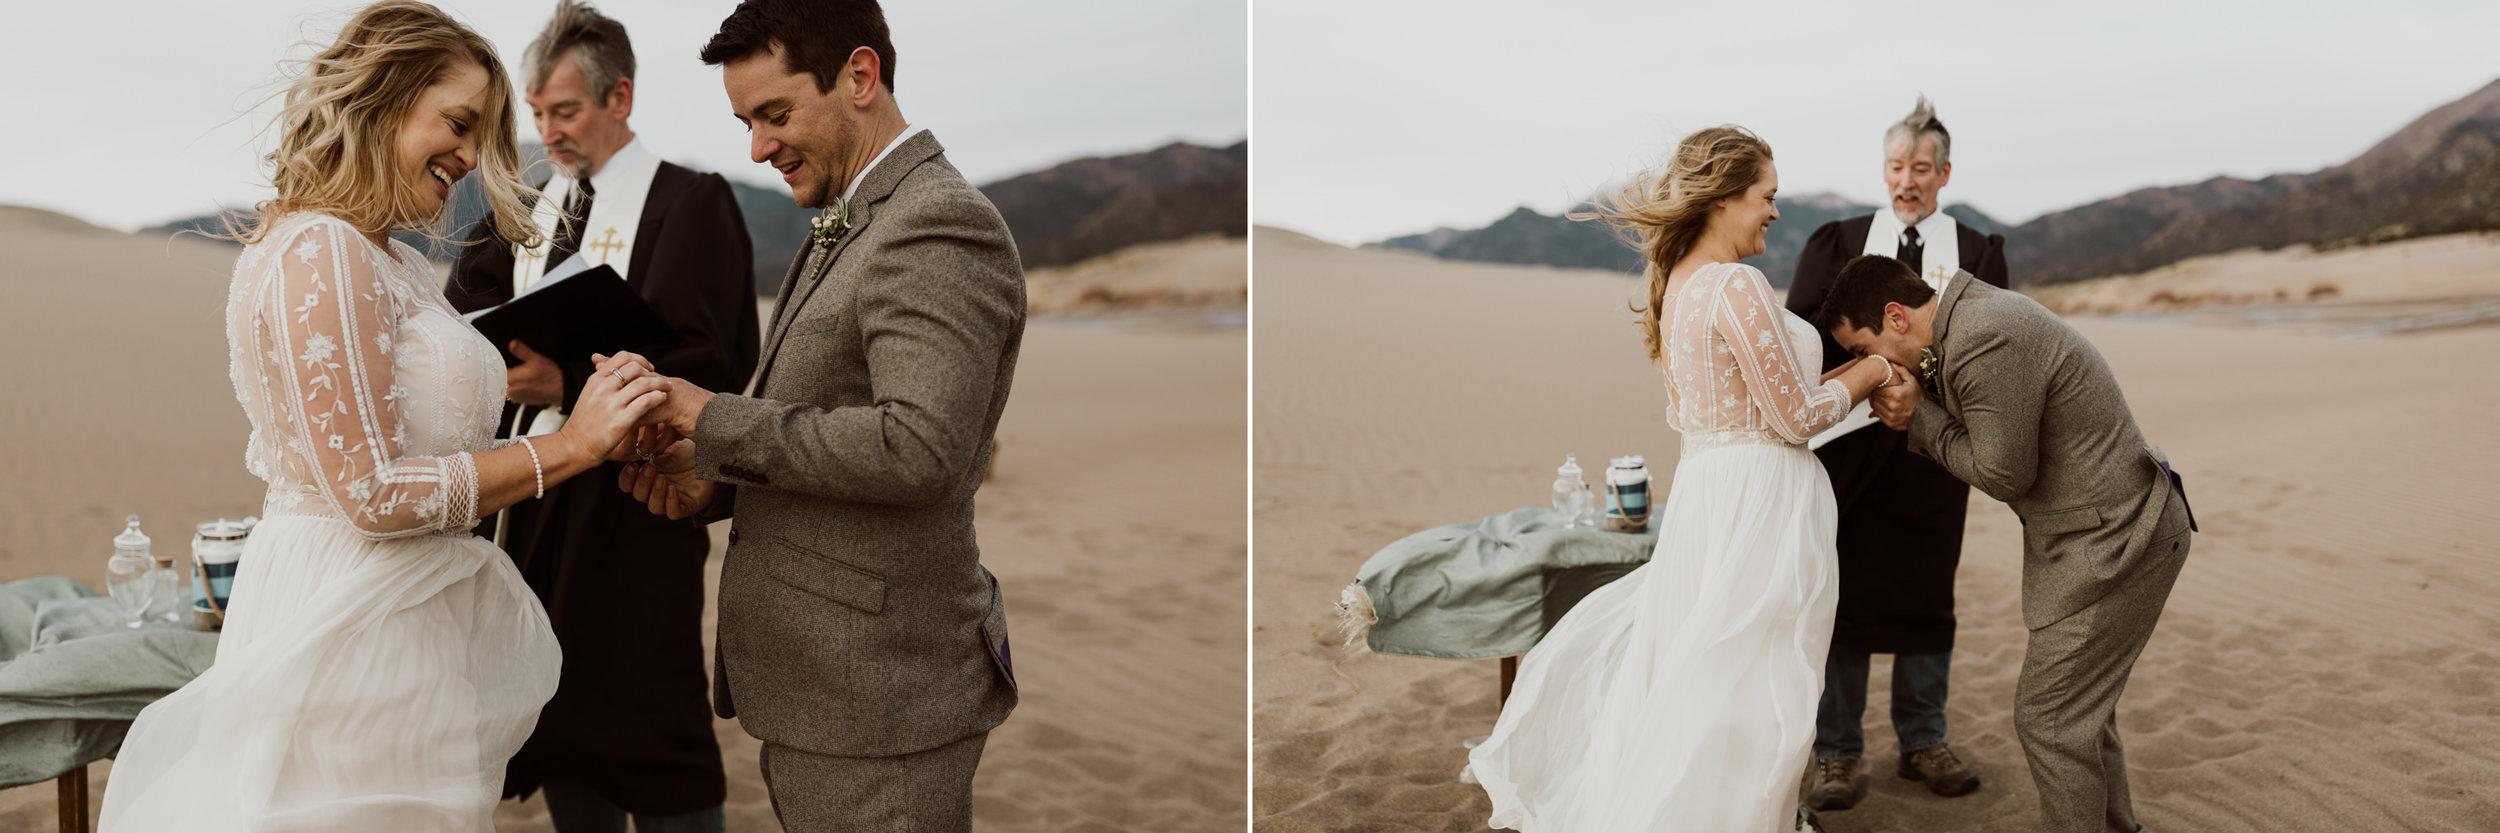 great-sand-dunes-elopement-122.jpg